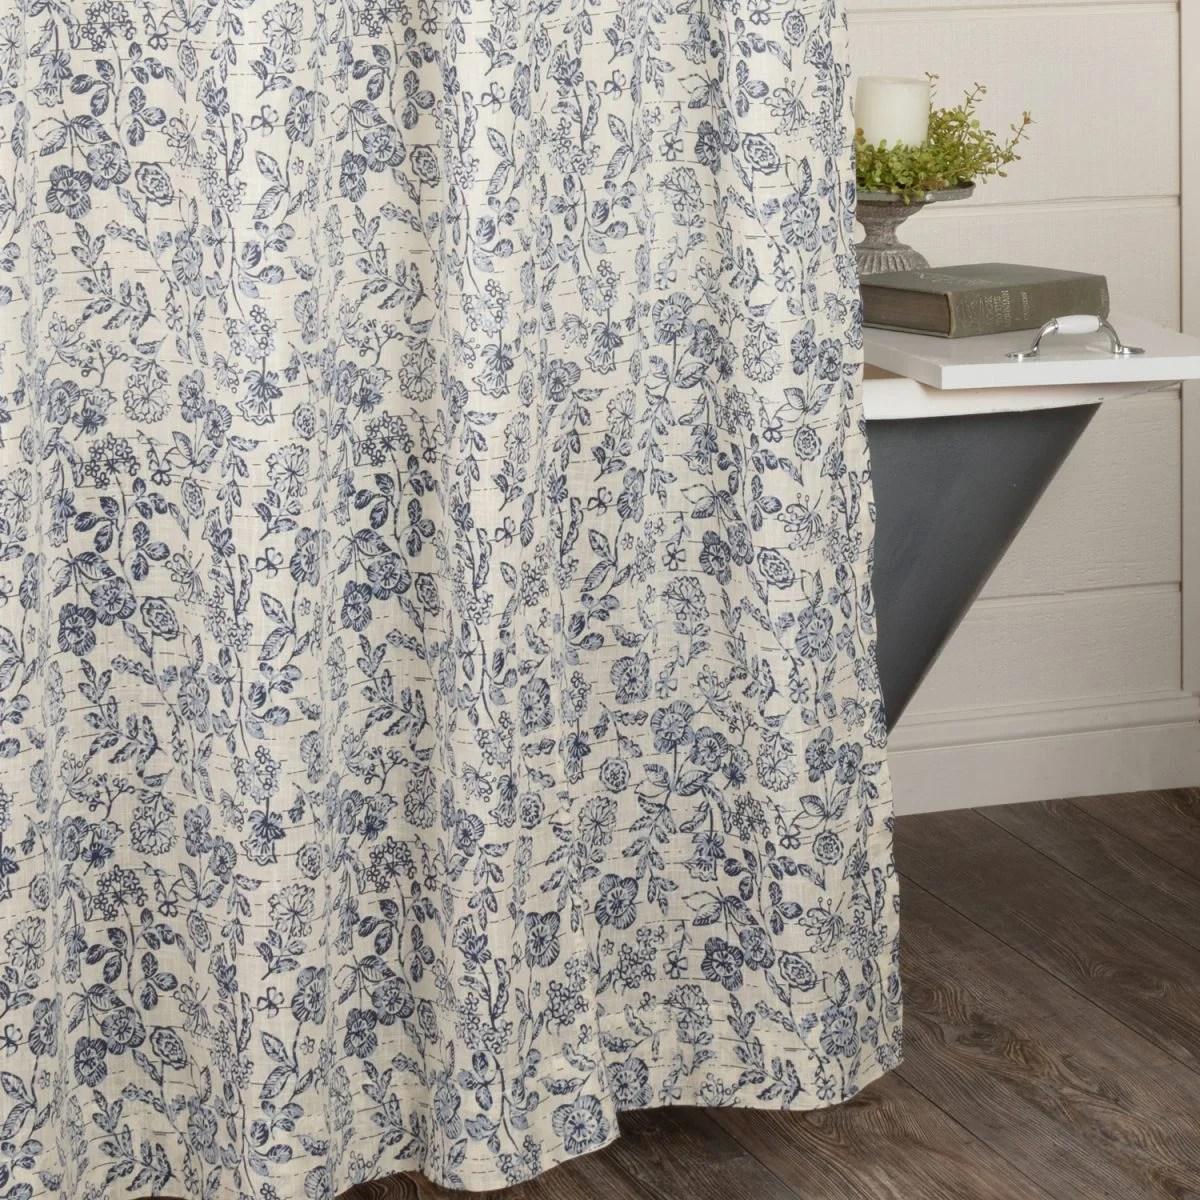 doylestown floral shower curtain